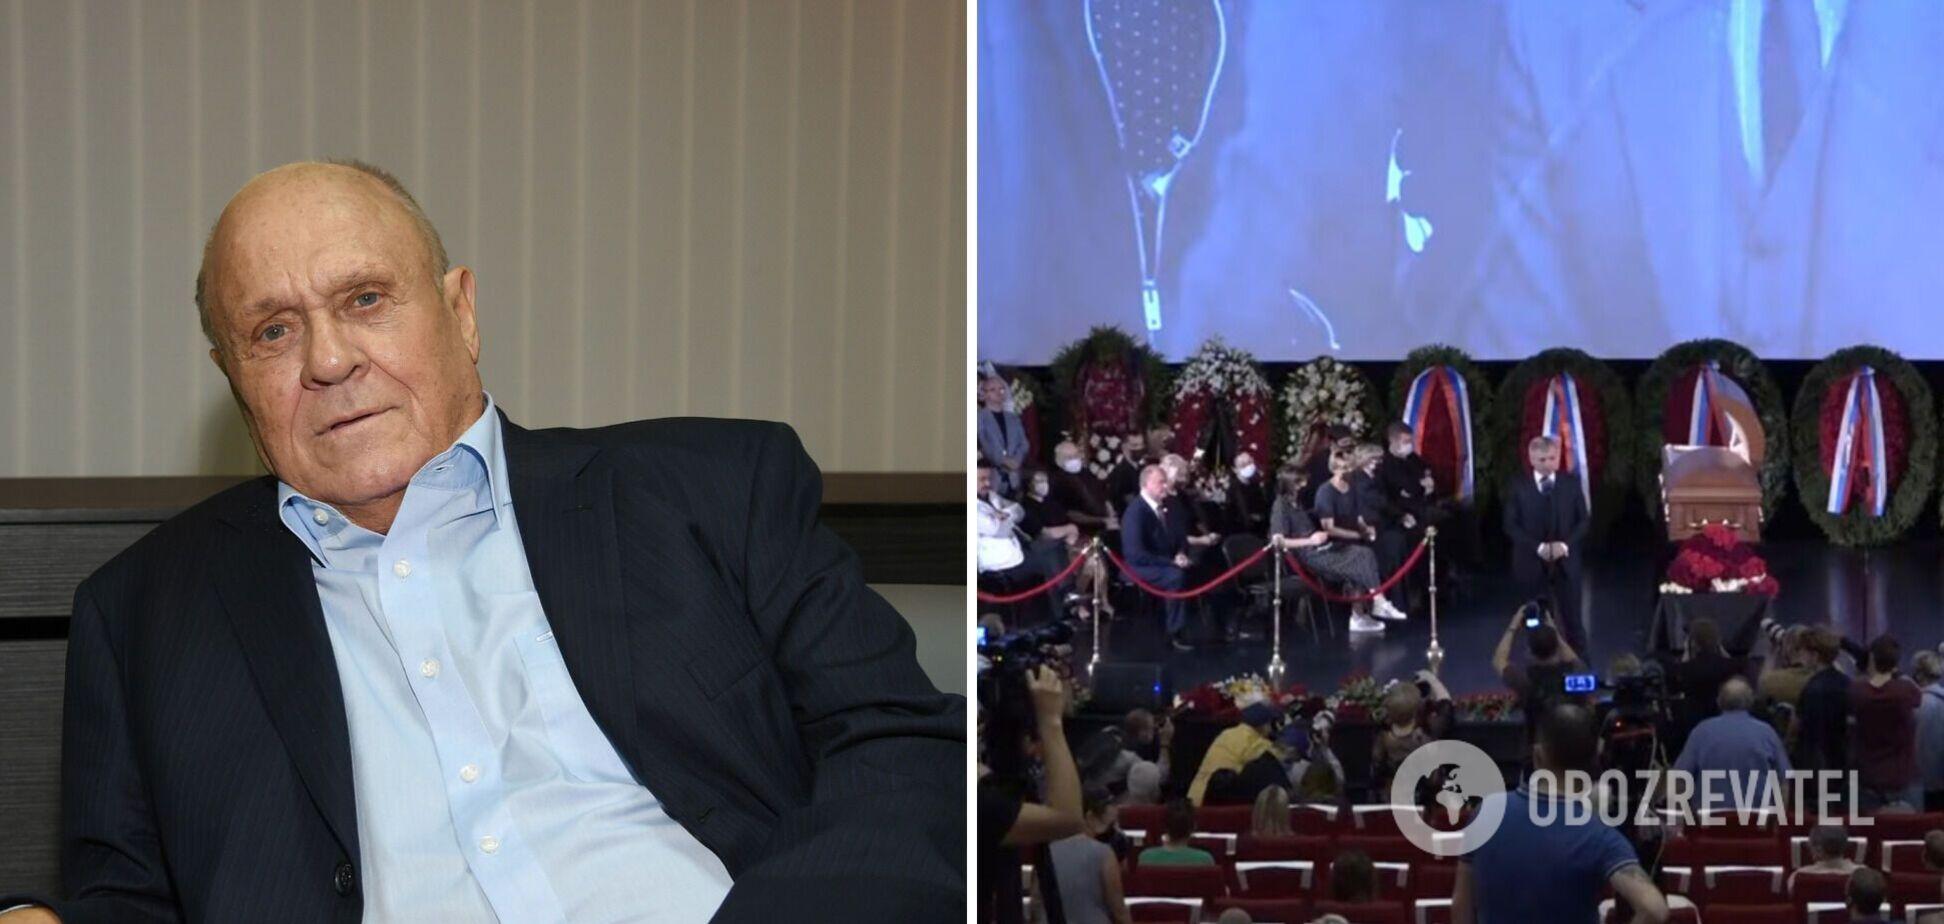 В Москве прощаются с режиссером Меньшовым: на похороны пришла его жена. Фото и видео